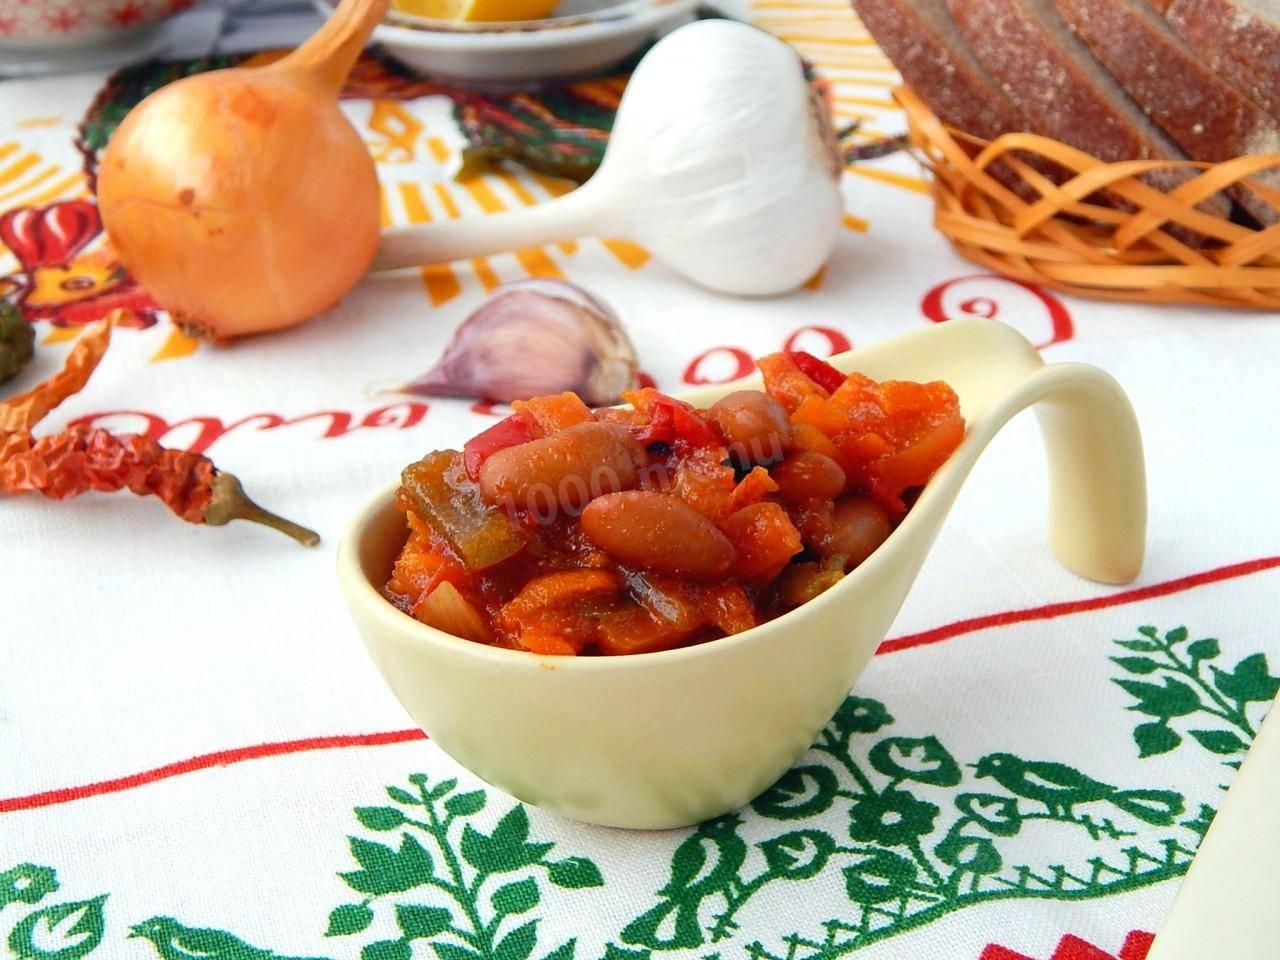 Консервируем красную фасоль: рецепты как консервировать салаты с фасолью на зиму в домашних условиях